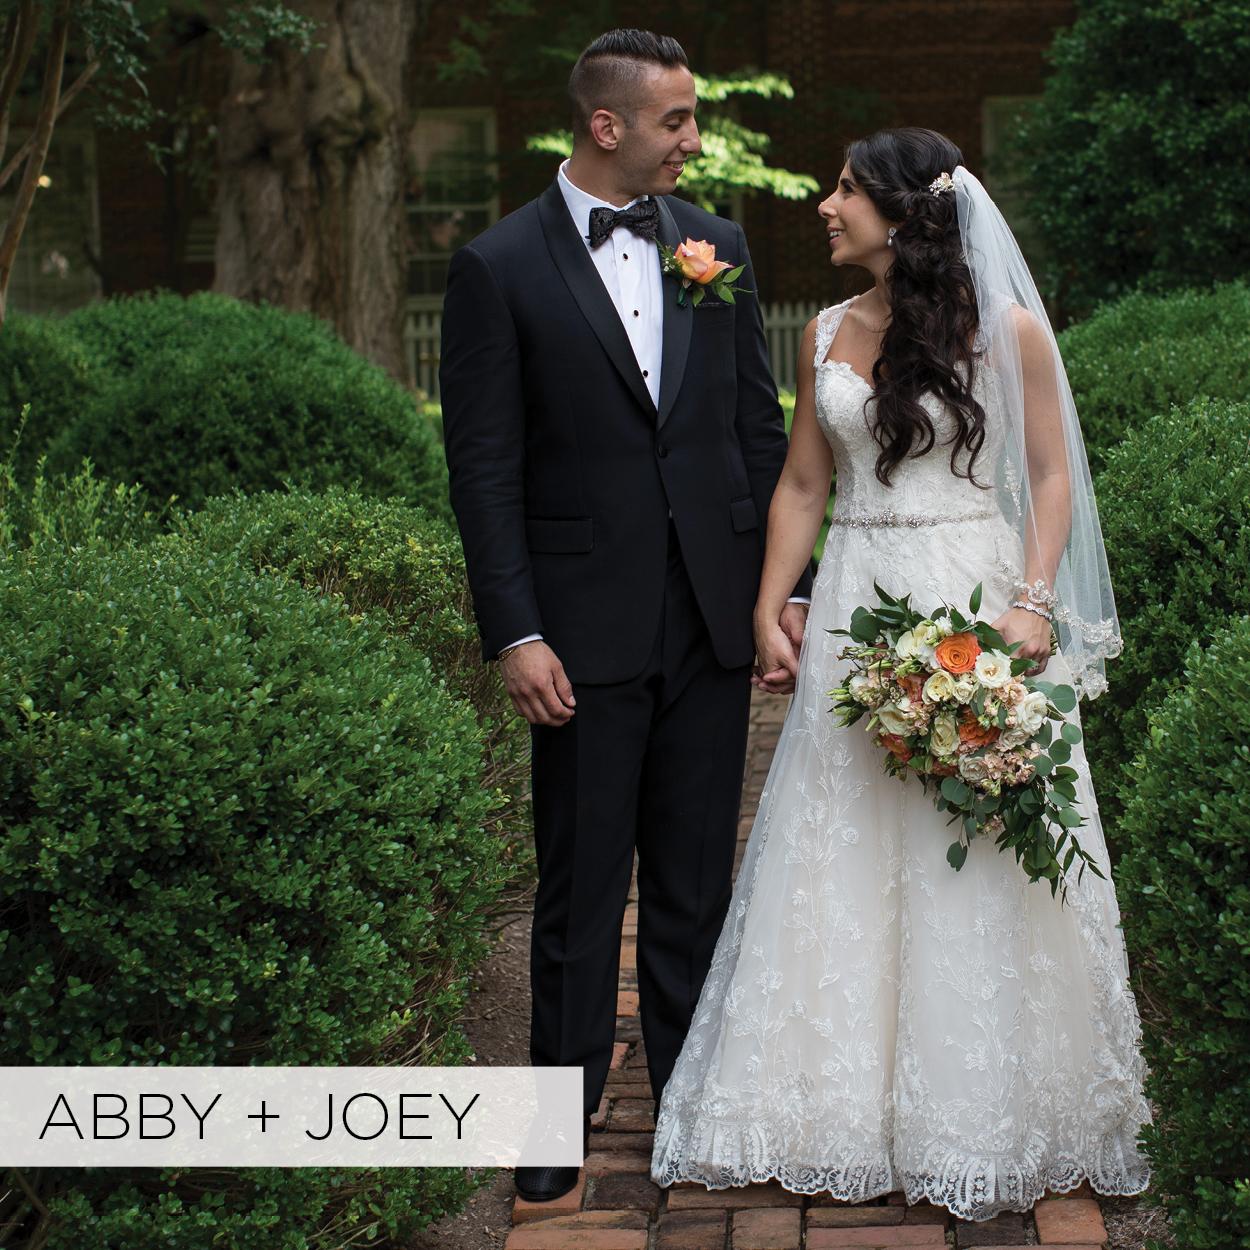 Abby-Joey.jpg